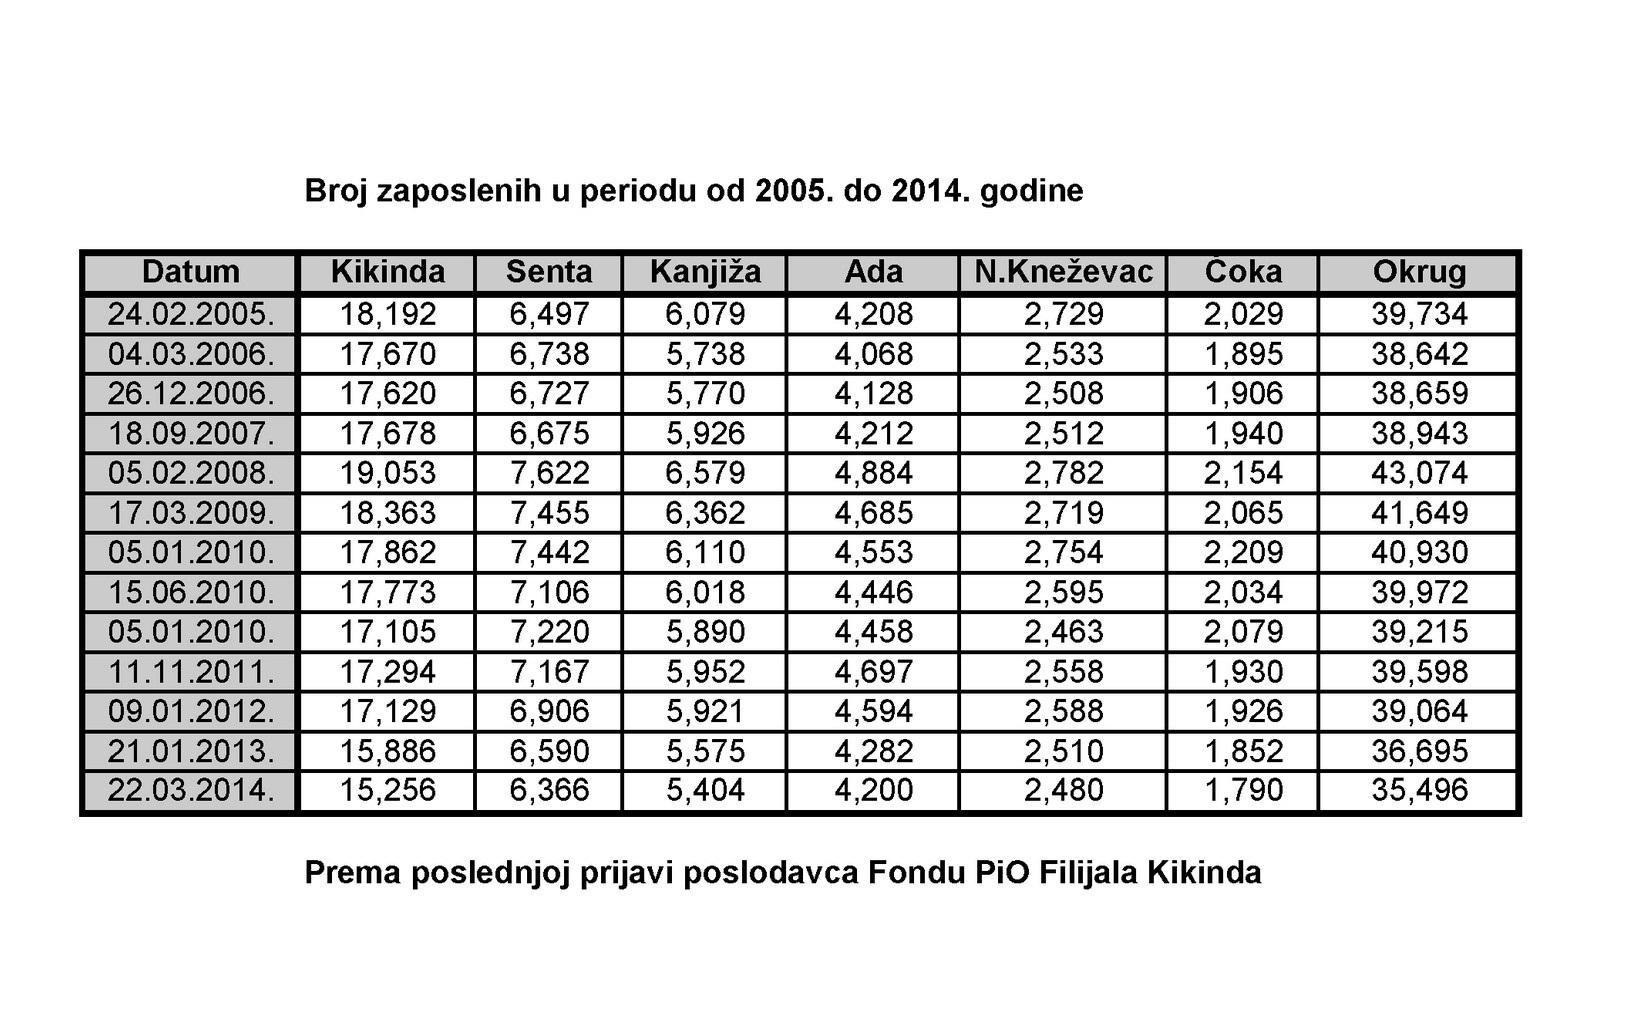 Tabela Zaposlenost JPeG (1)